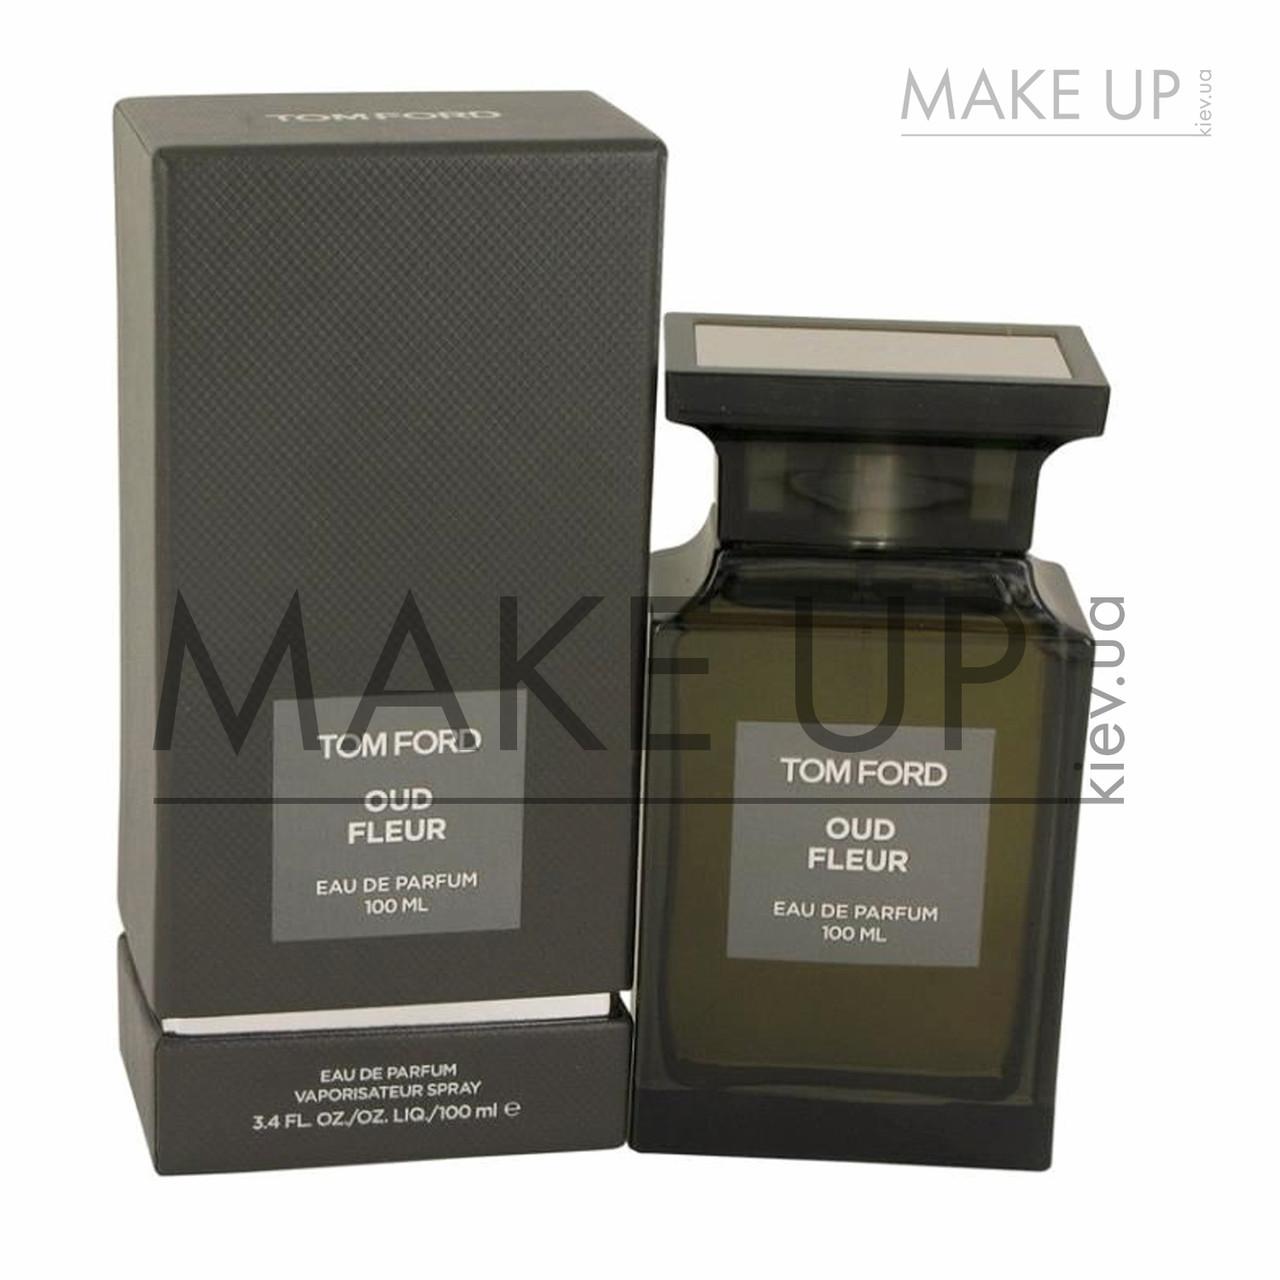 Женская парфюмированная вода Tom Ford Oud Fleur EDP 100 мл. | Лицензия Объединенные Арабские Эмираты